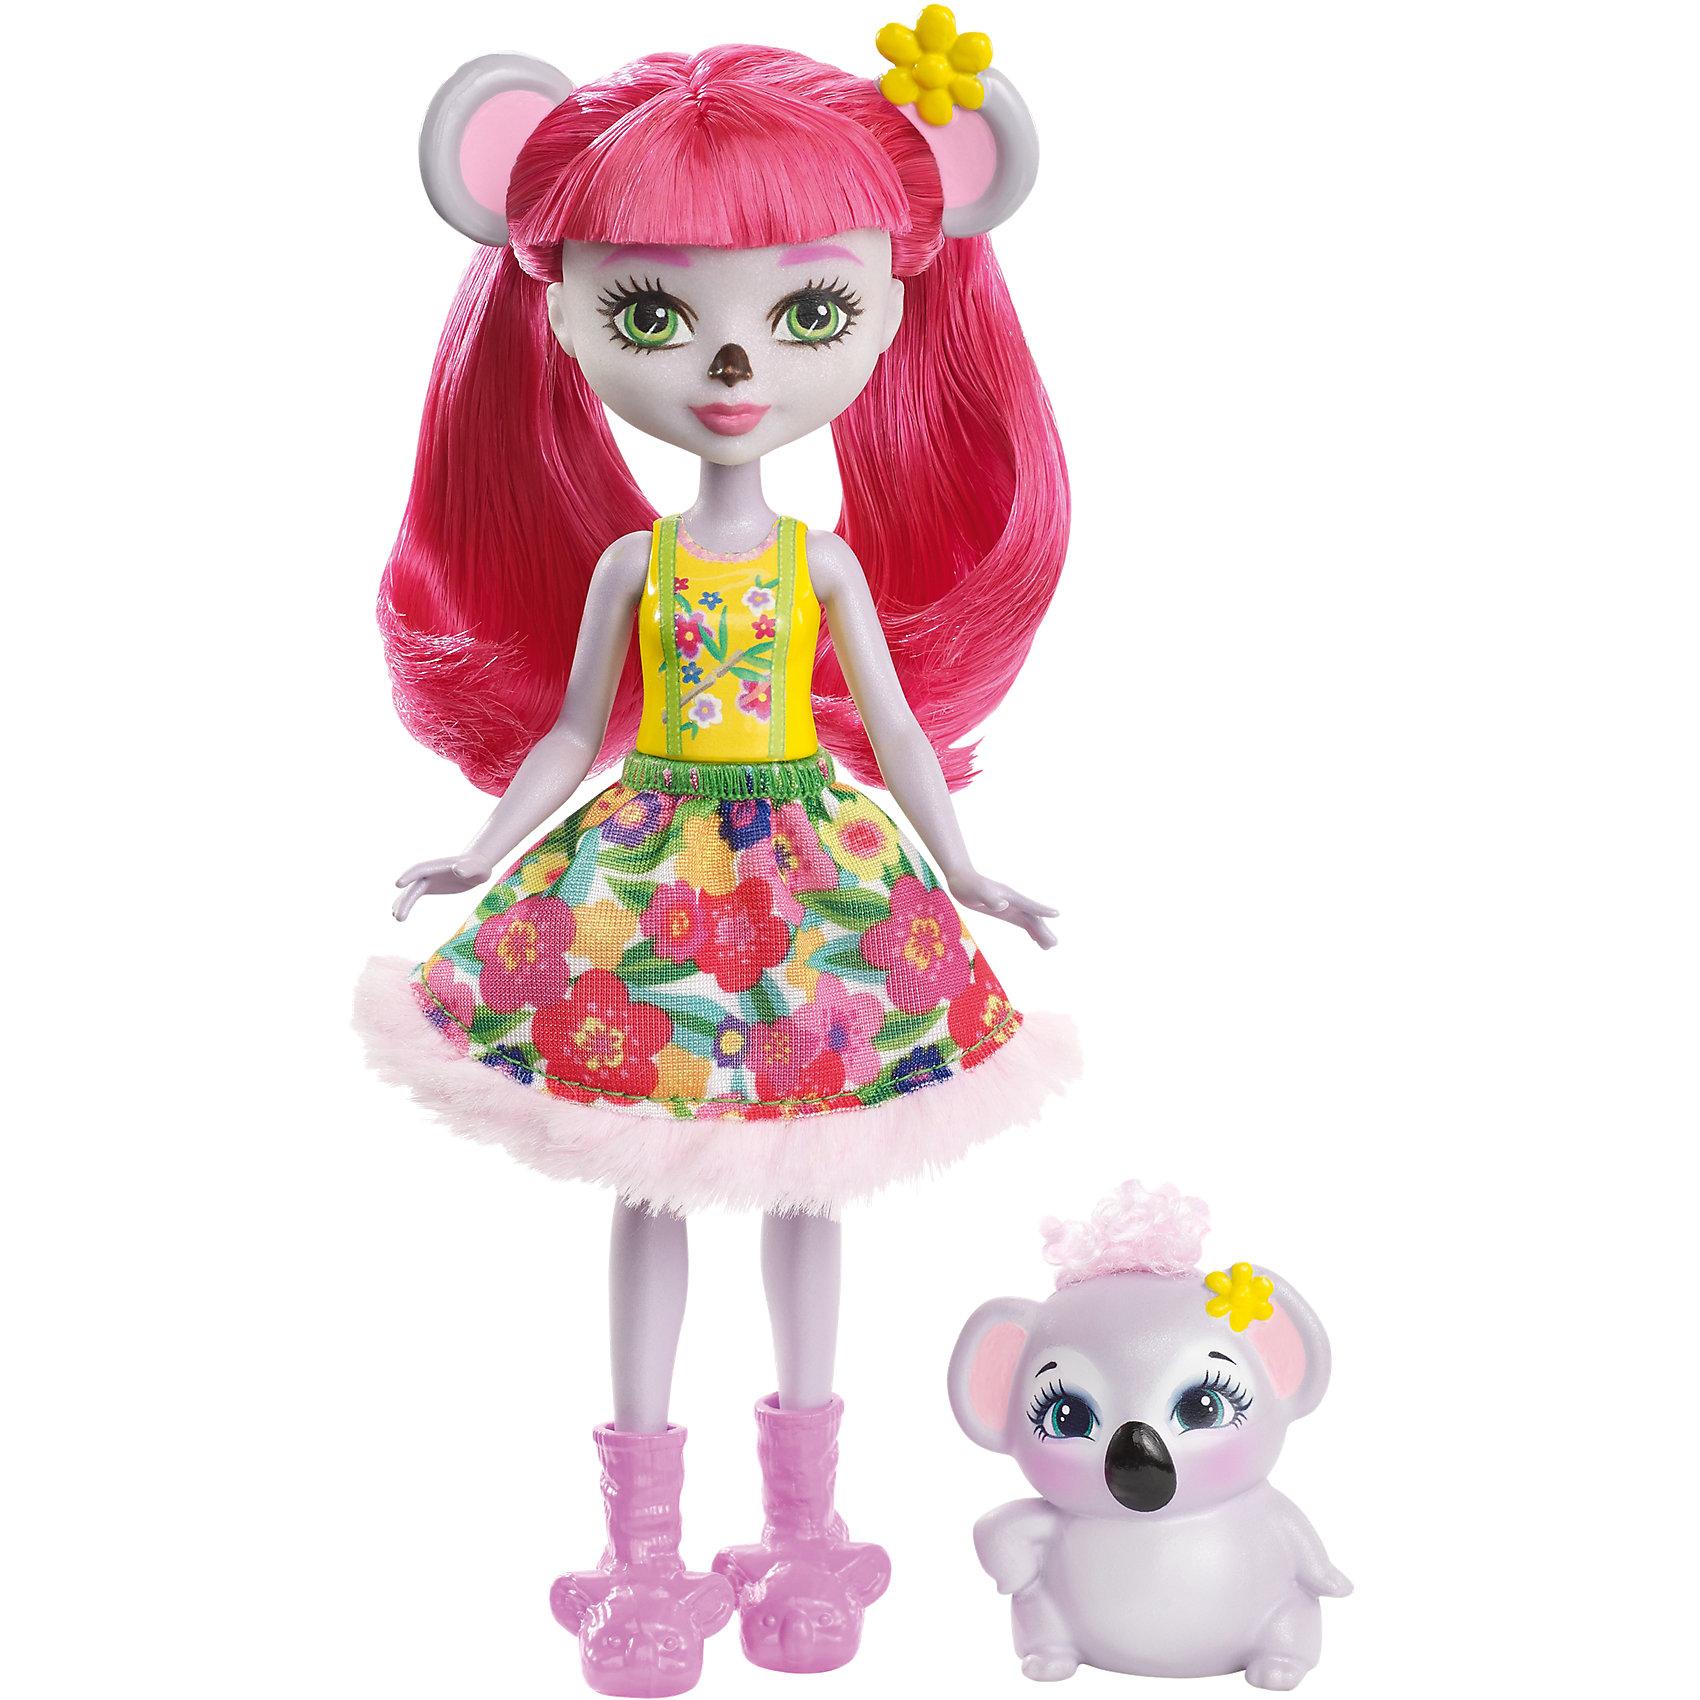 Кукла-коала Enchantimals КаринаБренды кукол<br>Характеристики товара:<br><br>• возраст: от 3 лет;<br>• пол: девочка;<br>• материал: пластик, текстиль<br>• высота куклы: 15 см;<br>• в комплекте : кукла, фигурка питомца; <br>• подвижные руки, ноги и голова кукол;<br>• мягкие волосы, которые можно расчесывать;                                         <br>• страна-производитель: Индонезия;                                    <br>• размер упаковки: 5,5х10х32,5 см.<br><br>Новинка от Mattel!!!<br>Перед вами Карина Коала и ее милая пушистая коала Деб. Они так похожи! У Карины есть ушки и тёмный носик как у коалы. А еще у нее зелёные глазки, светло-серая кожа и длинные розовые волосы, которые можно расчёсывать. <br><br>Наряд Карины просто очарователен: жёлтый верх и пышная белая юбка с цветочным принтом и мехом. А еще на ножках нашей героини красуются туфельки в виде коал, дополняющие образ.<br><br>У коалы Деб милая мордочка, лапки и ушки, большие глазки и пушистый мех.<br><br>Куклу Карина Коала от Mattel можно купить в нашем интернет-магазине.<br><br>Ширина мм: 125<br>Глубина мм: 55<br>Высота мм: 215<br>Вес г: 150<br>Возраст от месяцев: 72<br>Возраст до месяцев: 120<br>Пол: Женский<br>Возраст: Детский<br>SKU: 6739701